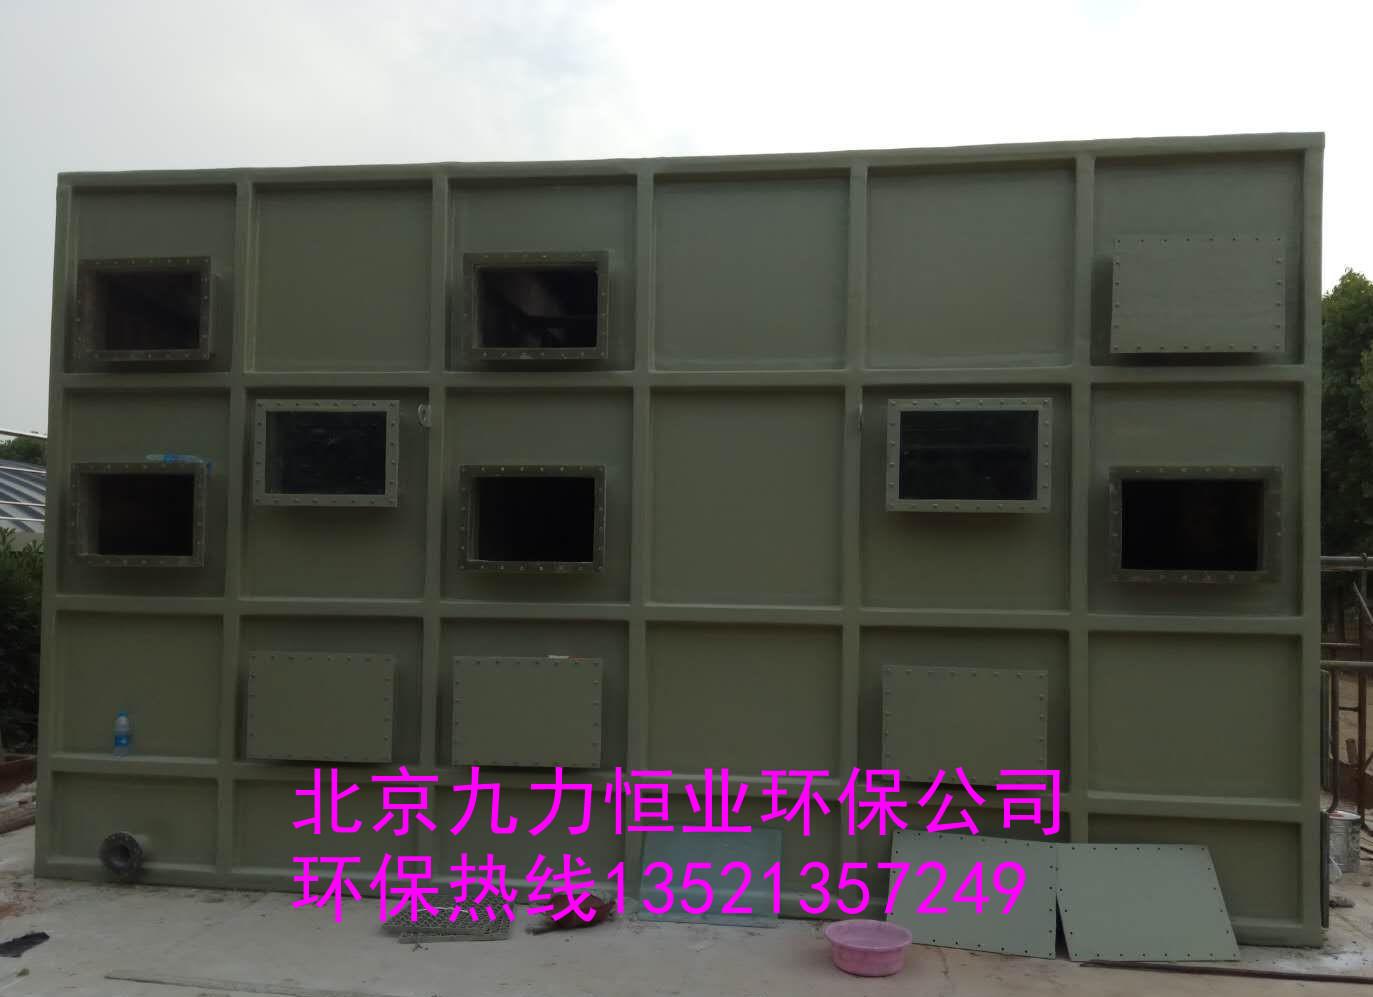 大型工厂生物过滤除臭箱-北京九力恒业供应玻璃钢生物除臭箱厂家